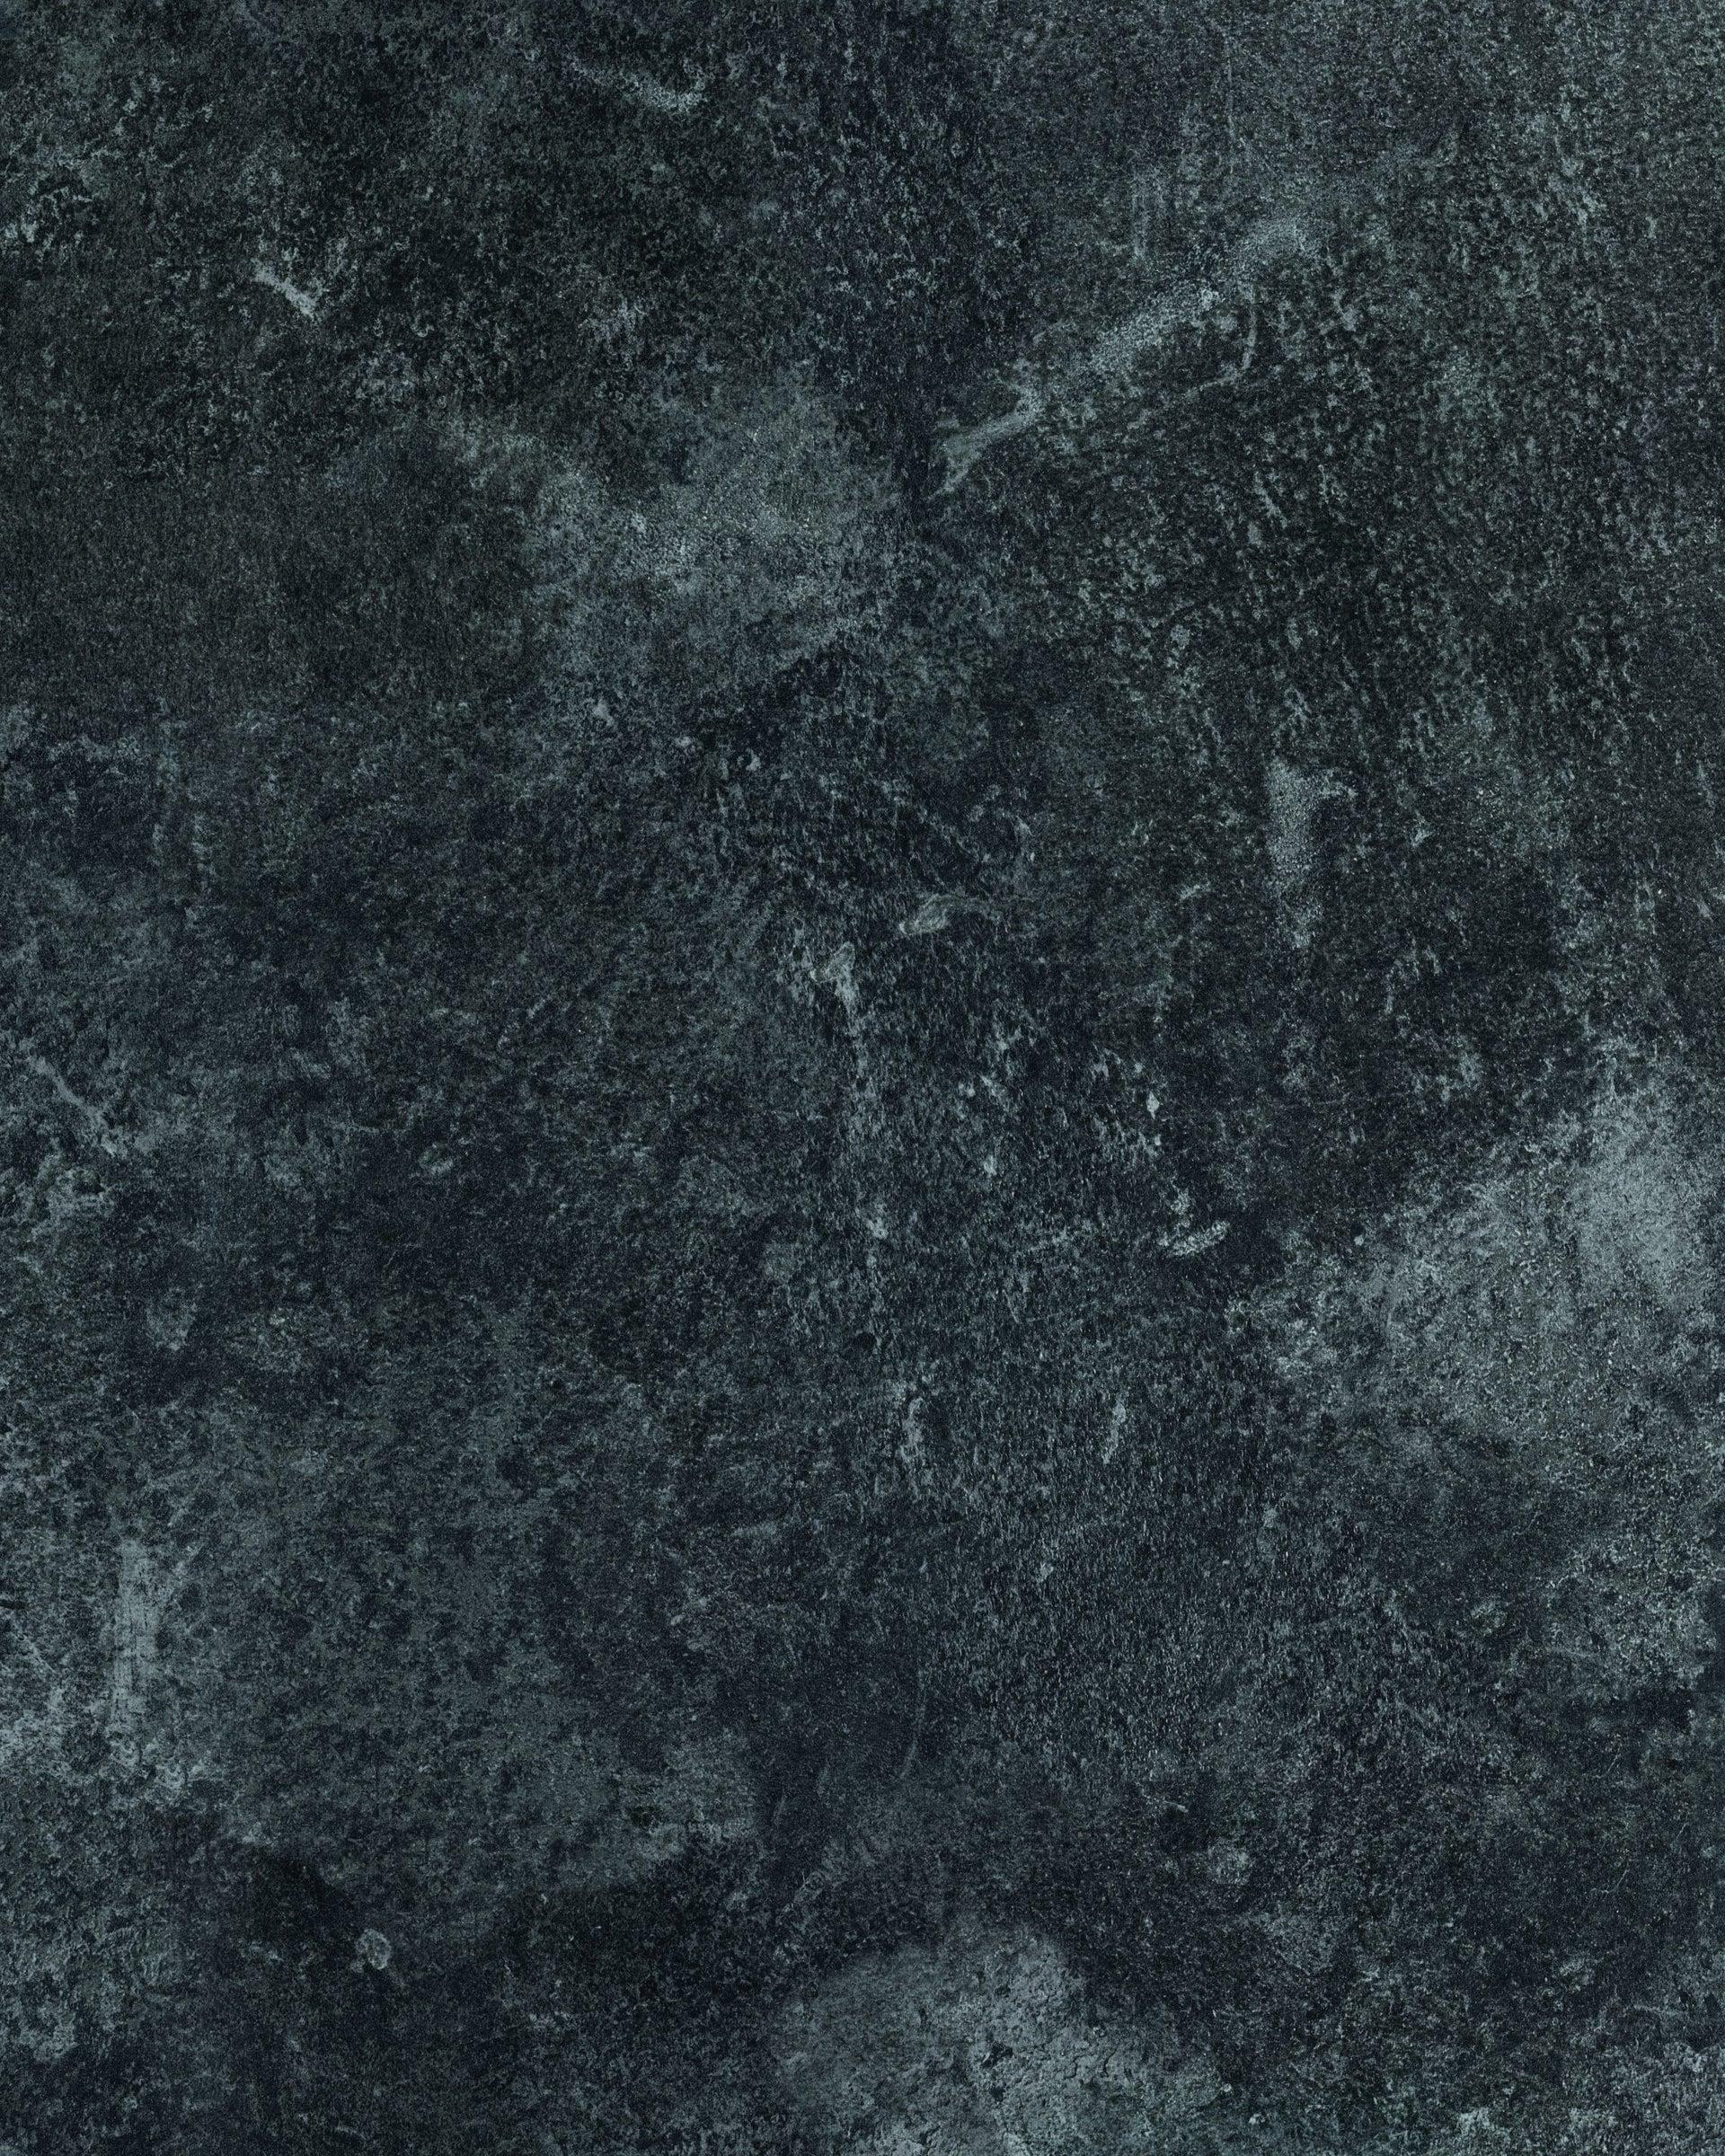 D c fix dekofolien selbstklebend avelino beton migros for Dekofolien selbstklebend